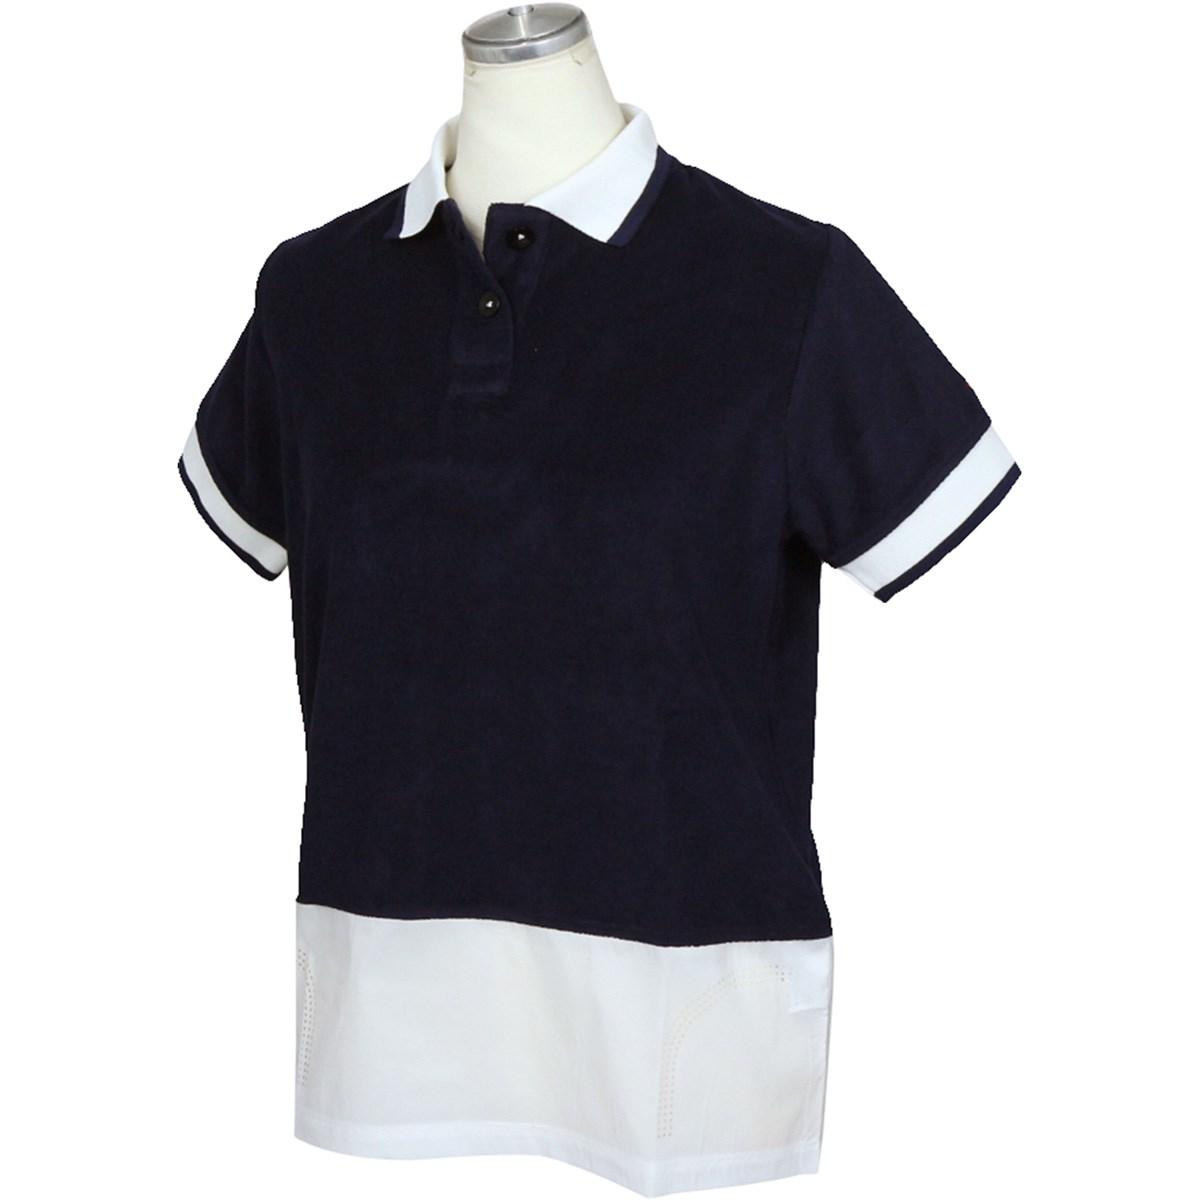 フィッチェゴルフ FICCE GOLF 半袖ポロシャツ S ネイビー レディス